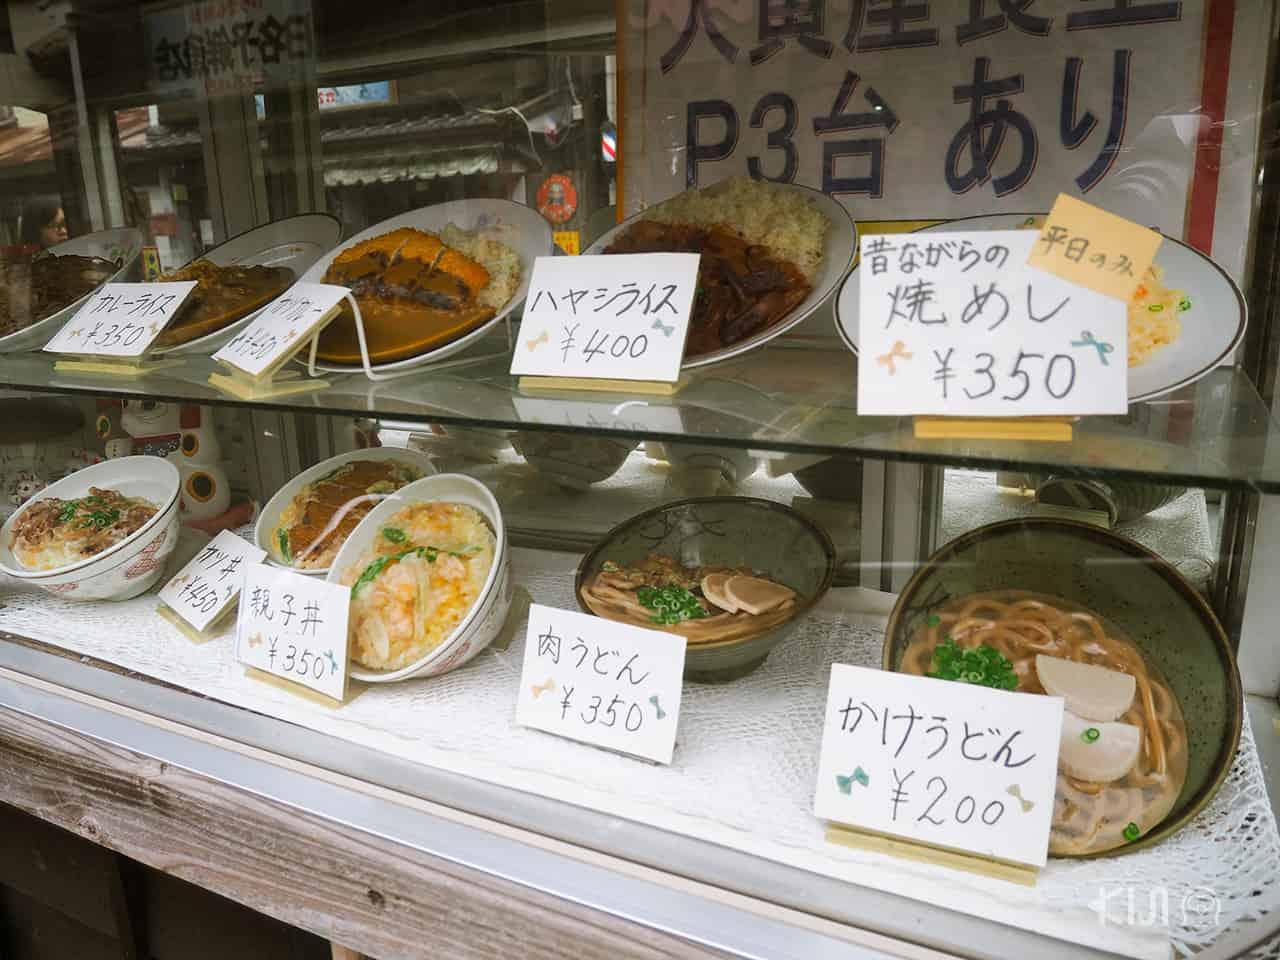 ร้าน Otoraya ที่บุงโกะทาคาดะ (Bungotakada)